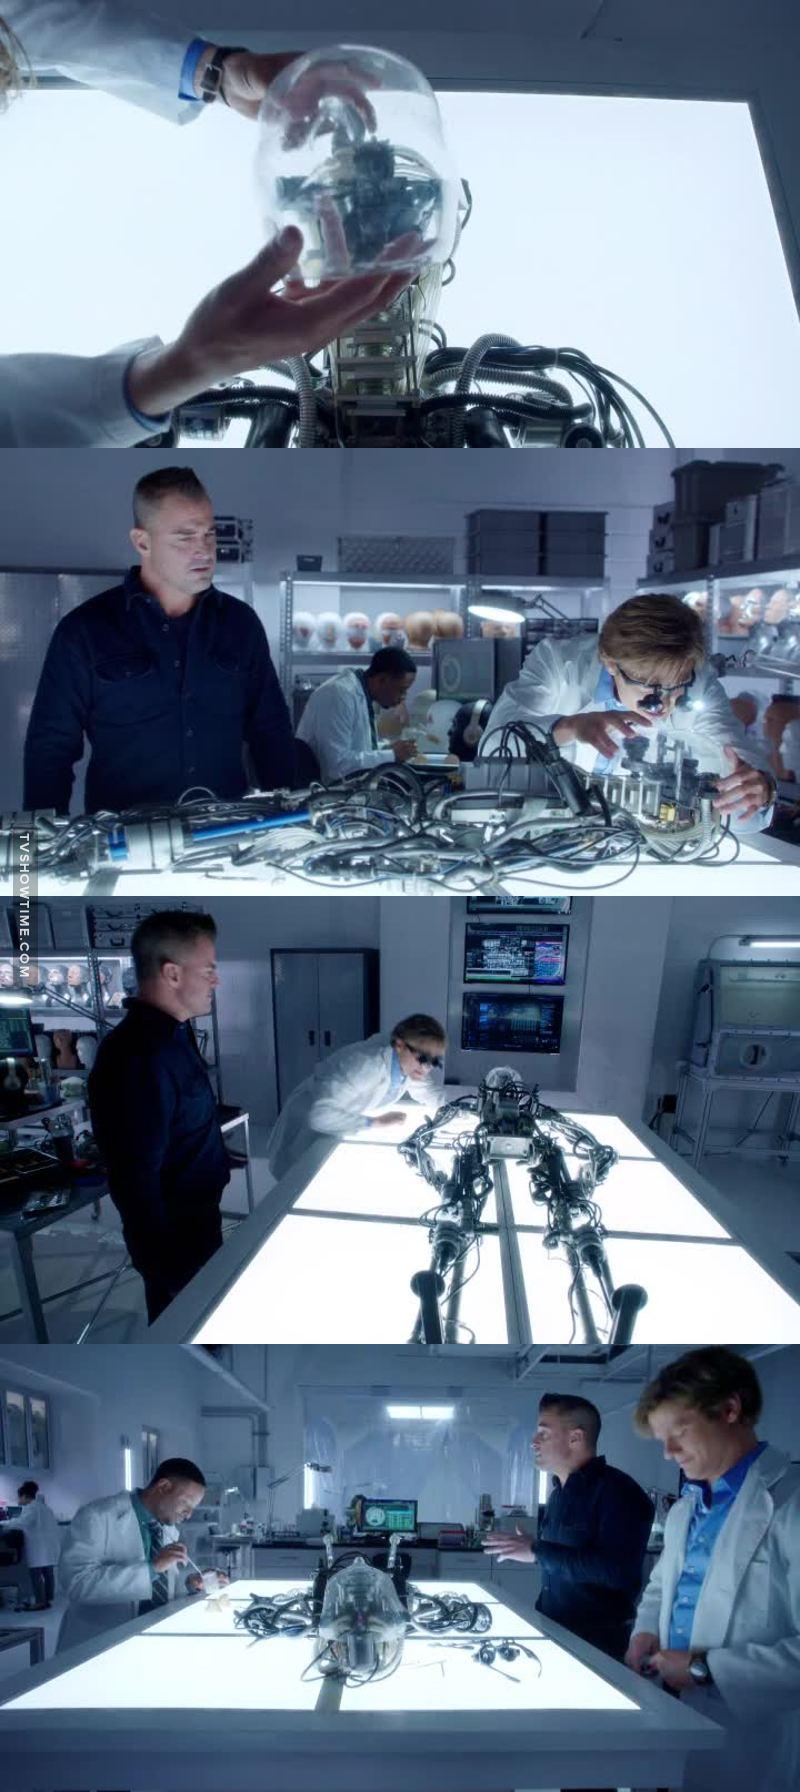 Aquele momento em que isso me faz lembrar de Agents Of SHIELD....... 🤖